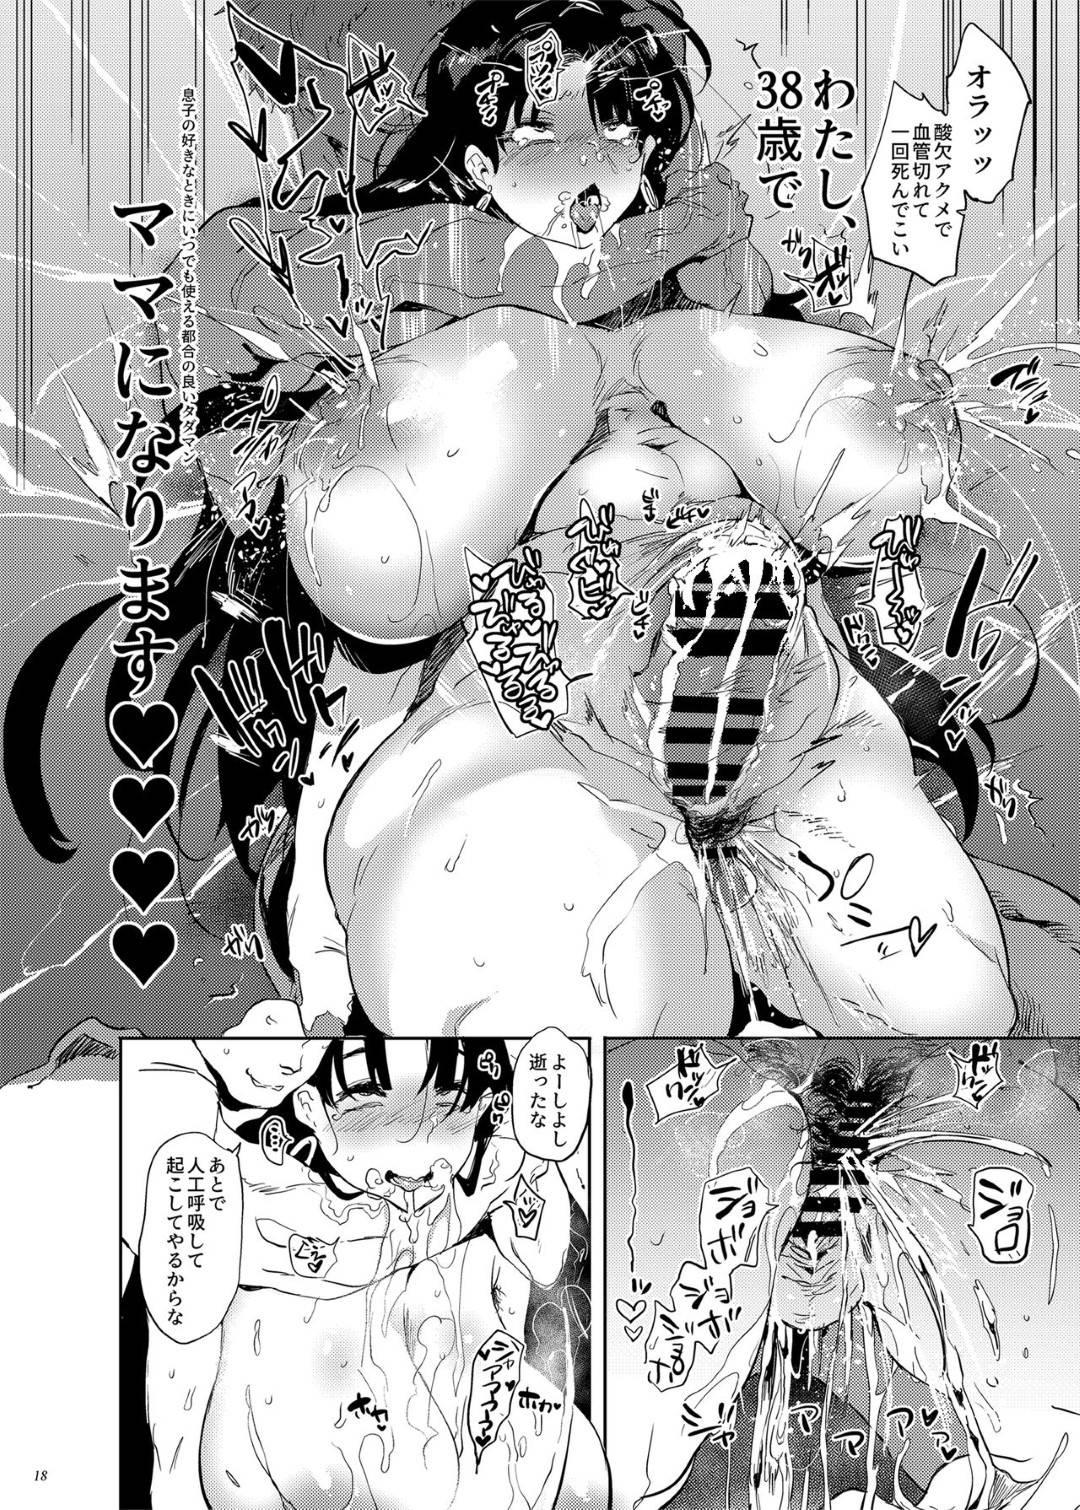 【エロ漫画】彼女に振られた実の息子を慰めようとエッチな事を迫る淫乱ムチムチ母。息子に本気にされて巨根をビンビンに勃起された彼女は貪るようにフェラをして大量に口内射精させる!更にはそれだけでは終わるわけもなくそのまま生ハメセックス!